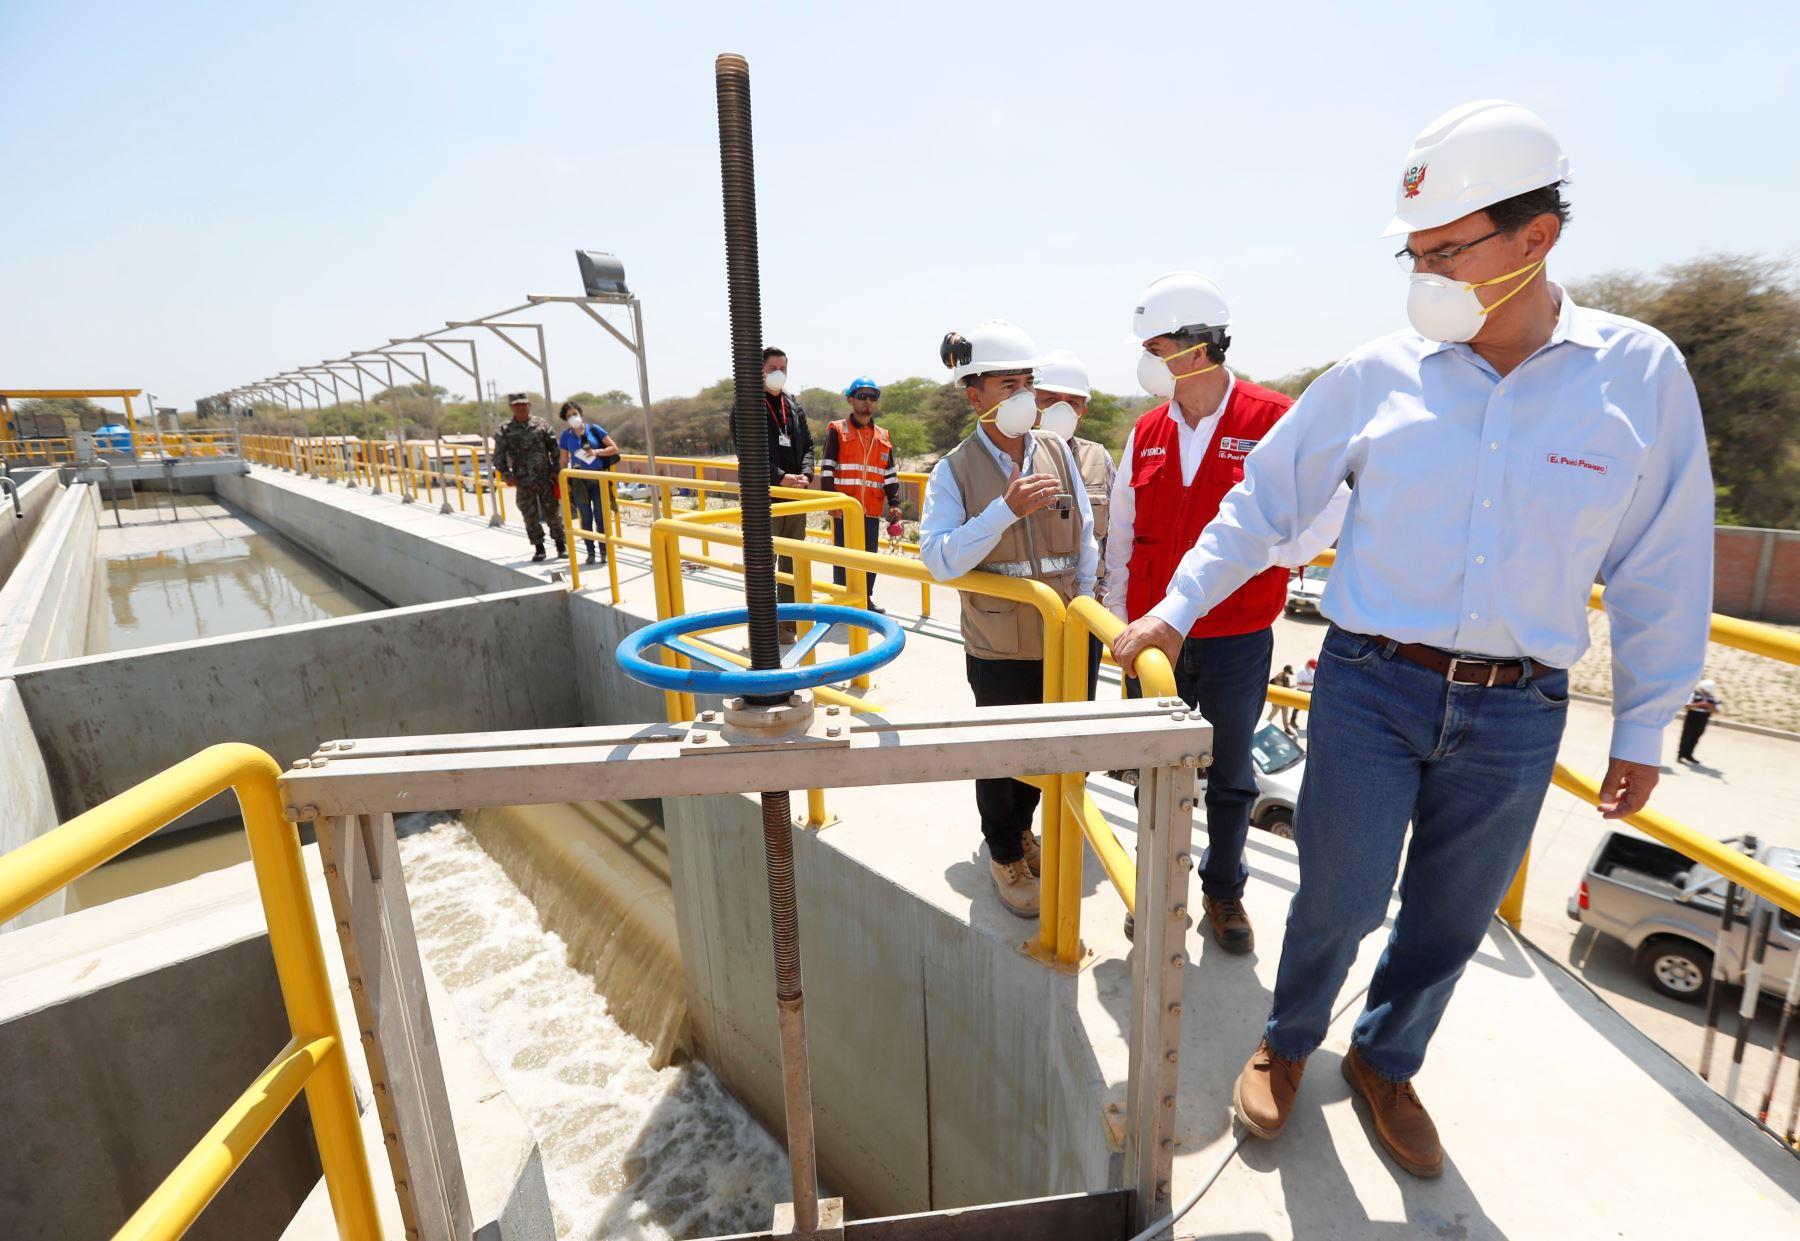 Planta de tratamiento de aguas residuales de Piura beneficia a 240,000 pobladores de esa región. ANDINA/Difusión